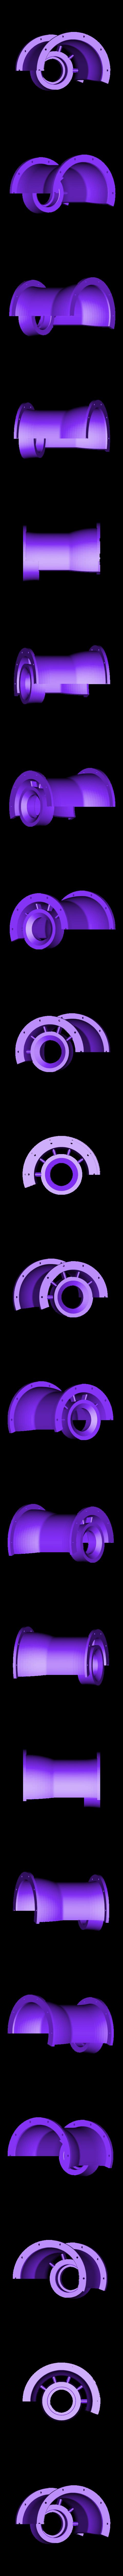 HPC-Case101.stl Download free STL file Jet Engine, 3-Spool • 3D printable object, konchan77